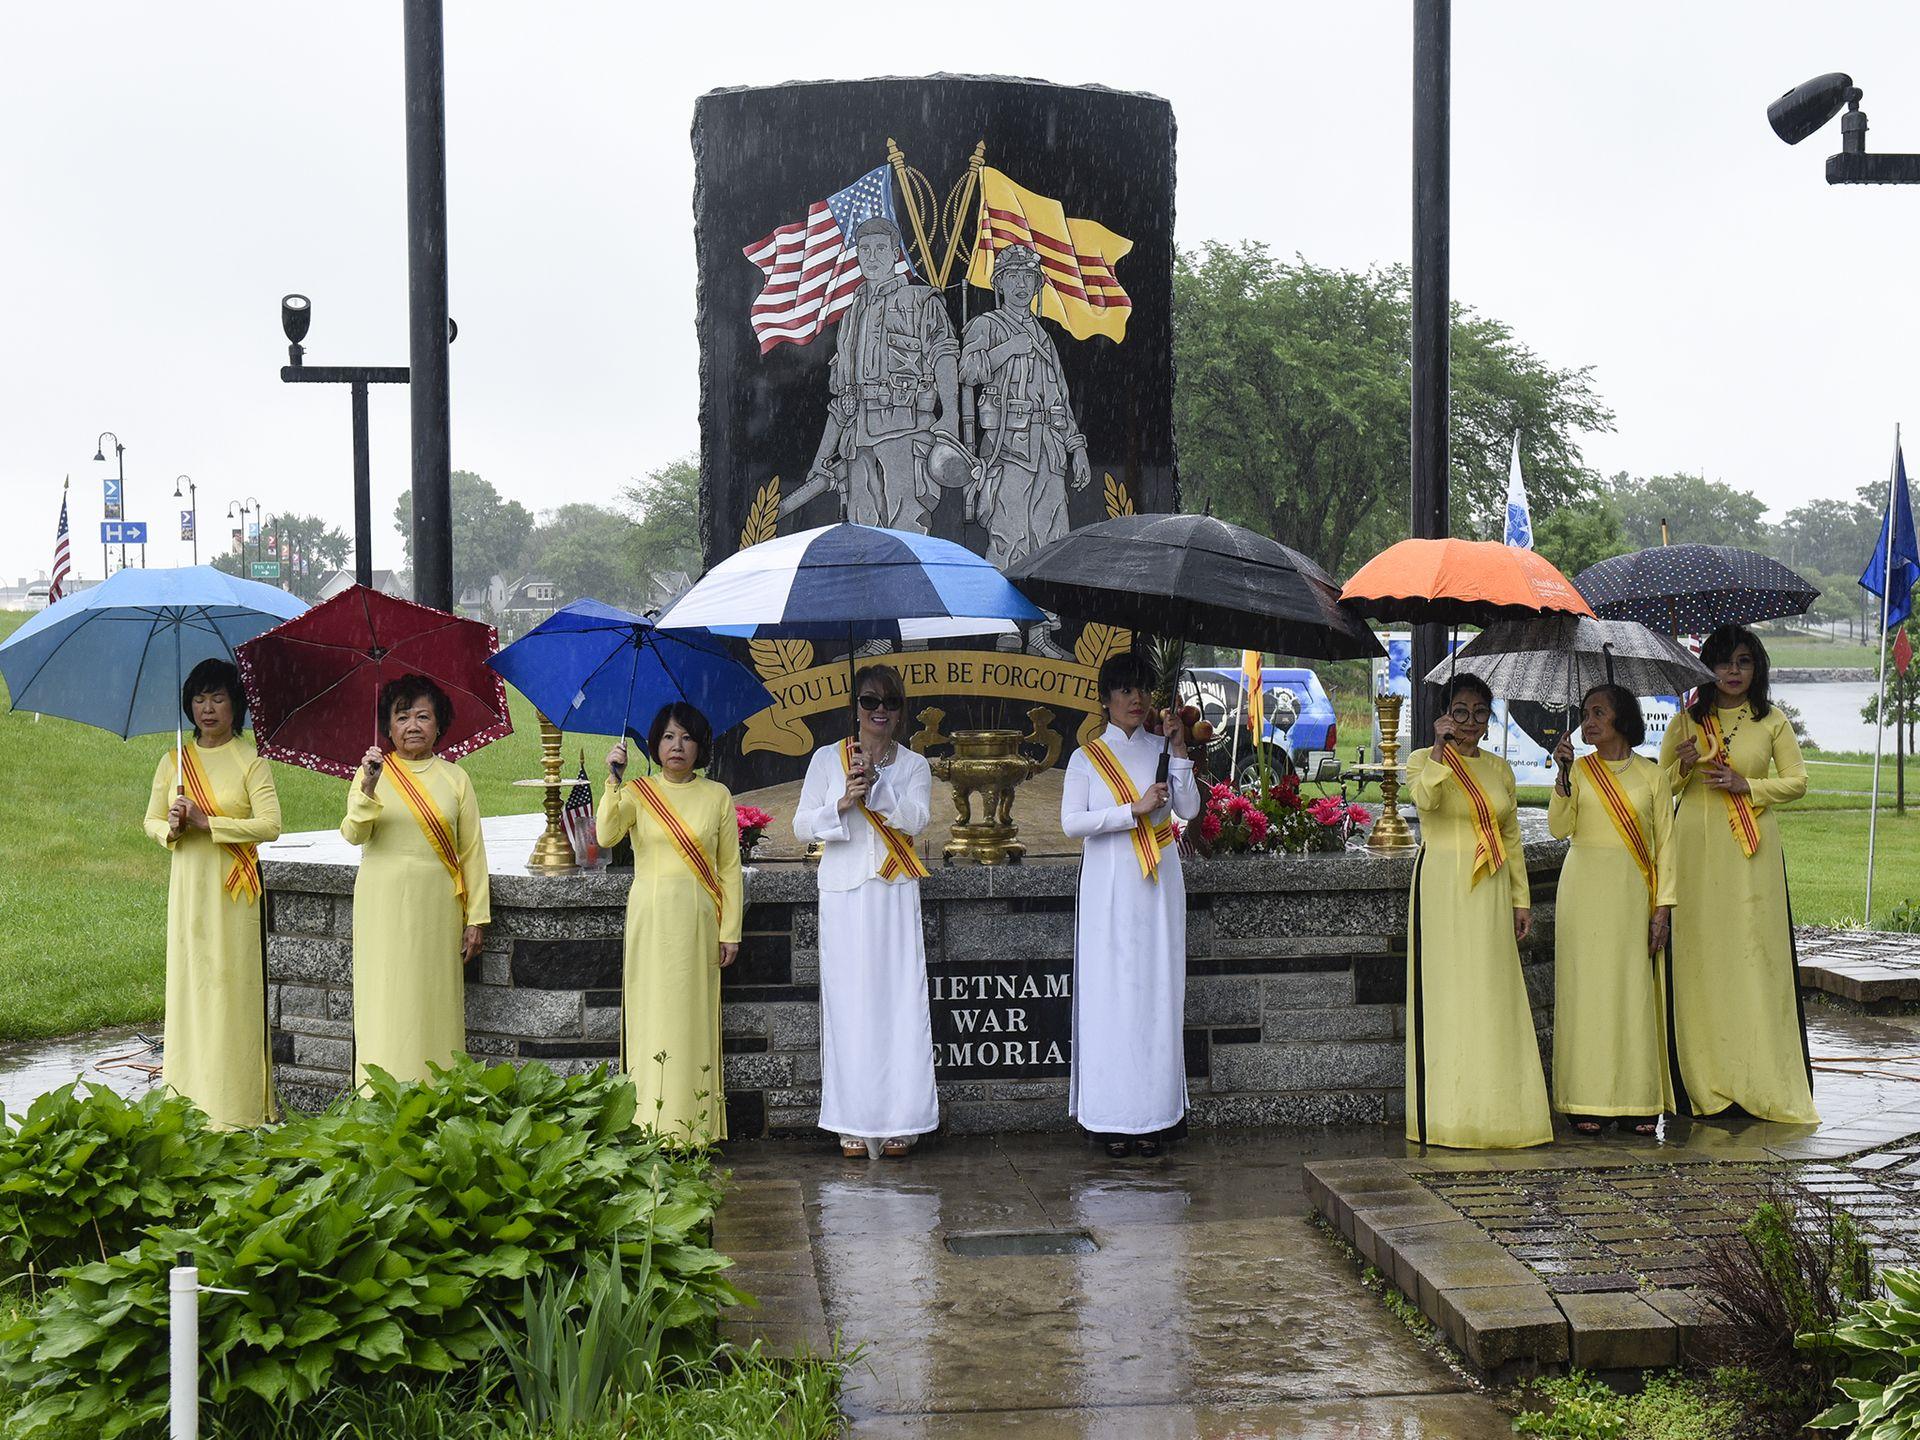 Nghi lễ vinh danh chiến sĩ Việt-Mỹ tại St. Cloud, Minnesota